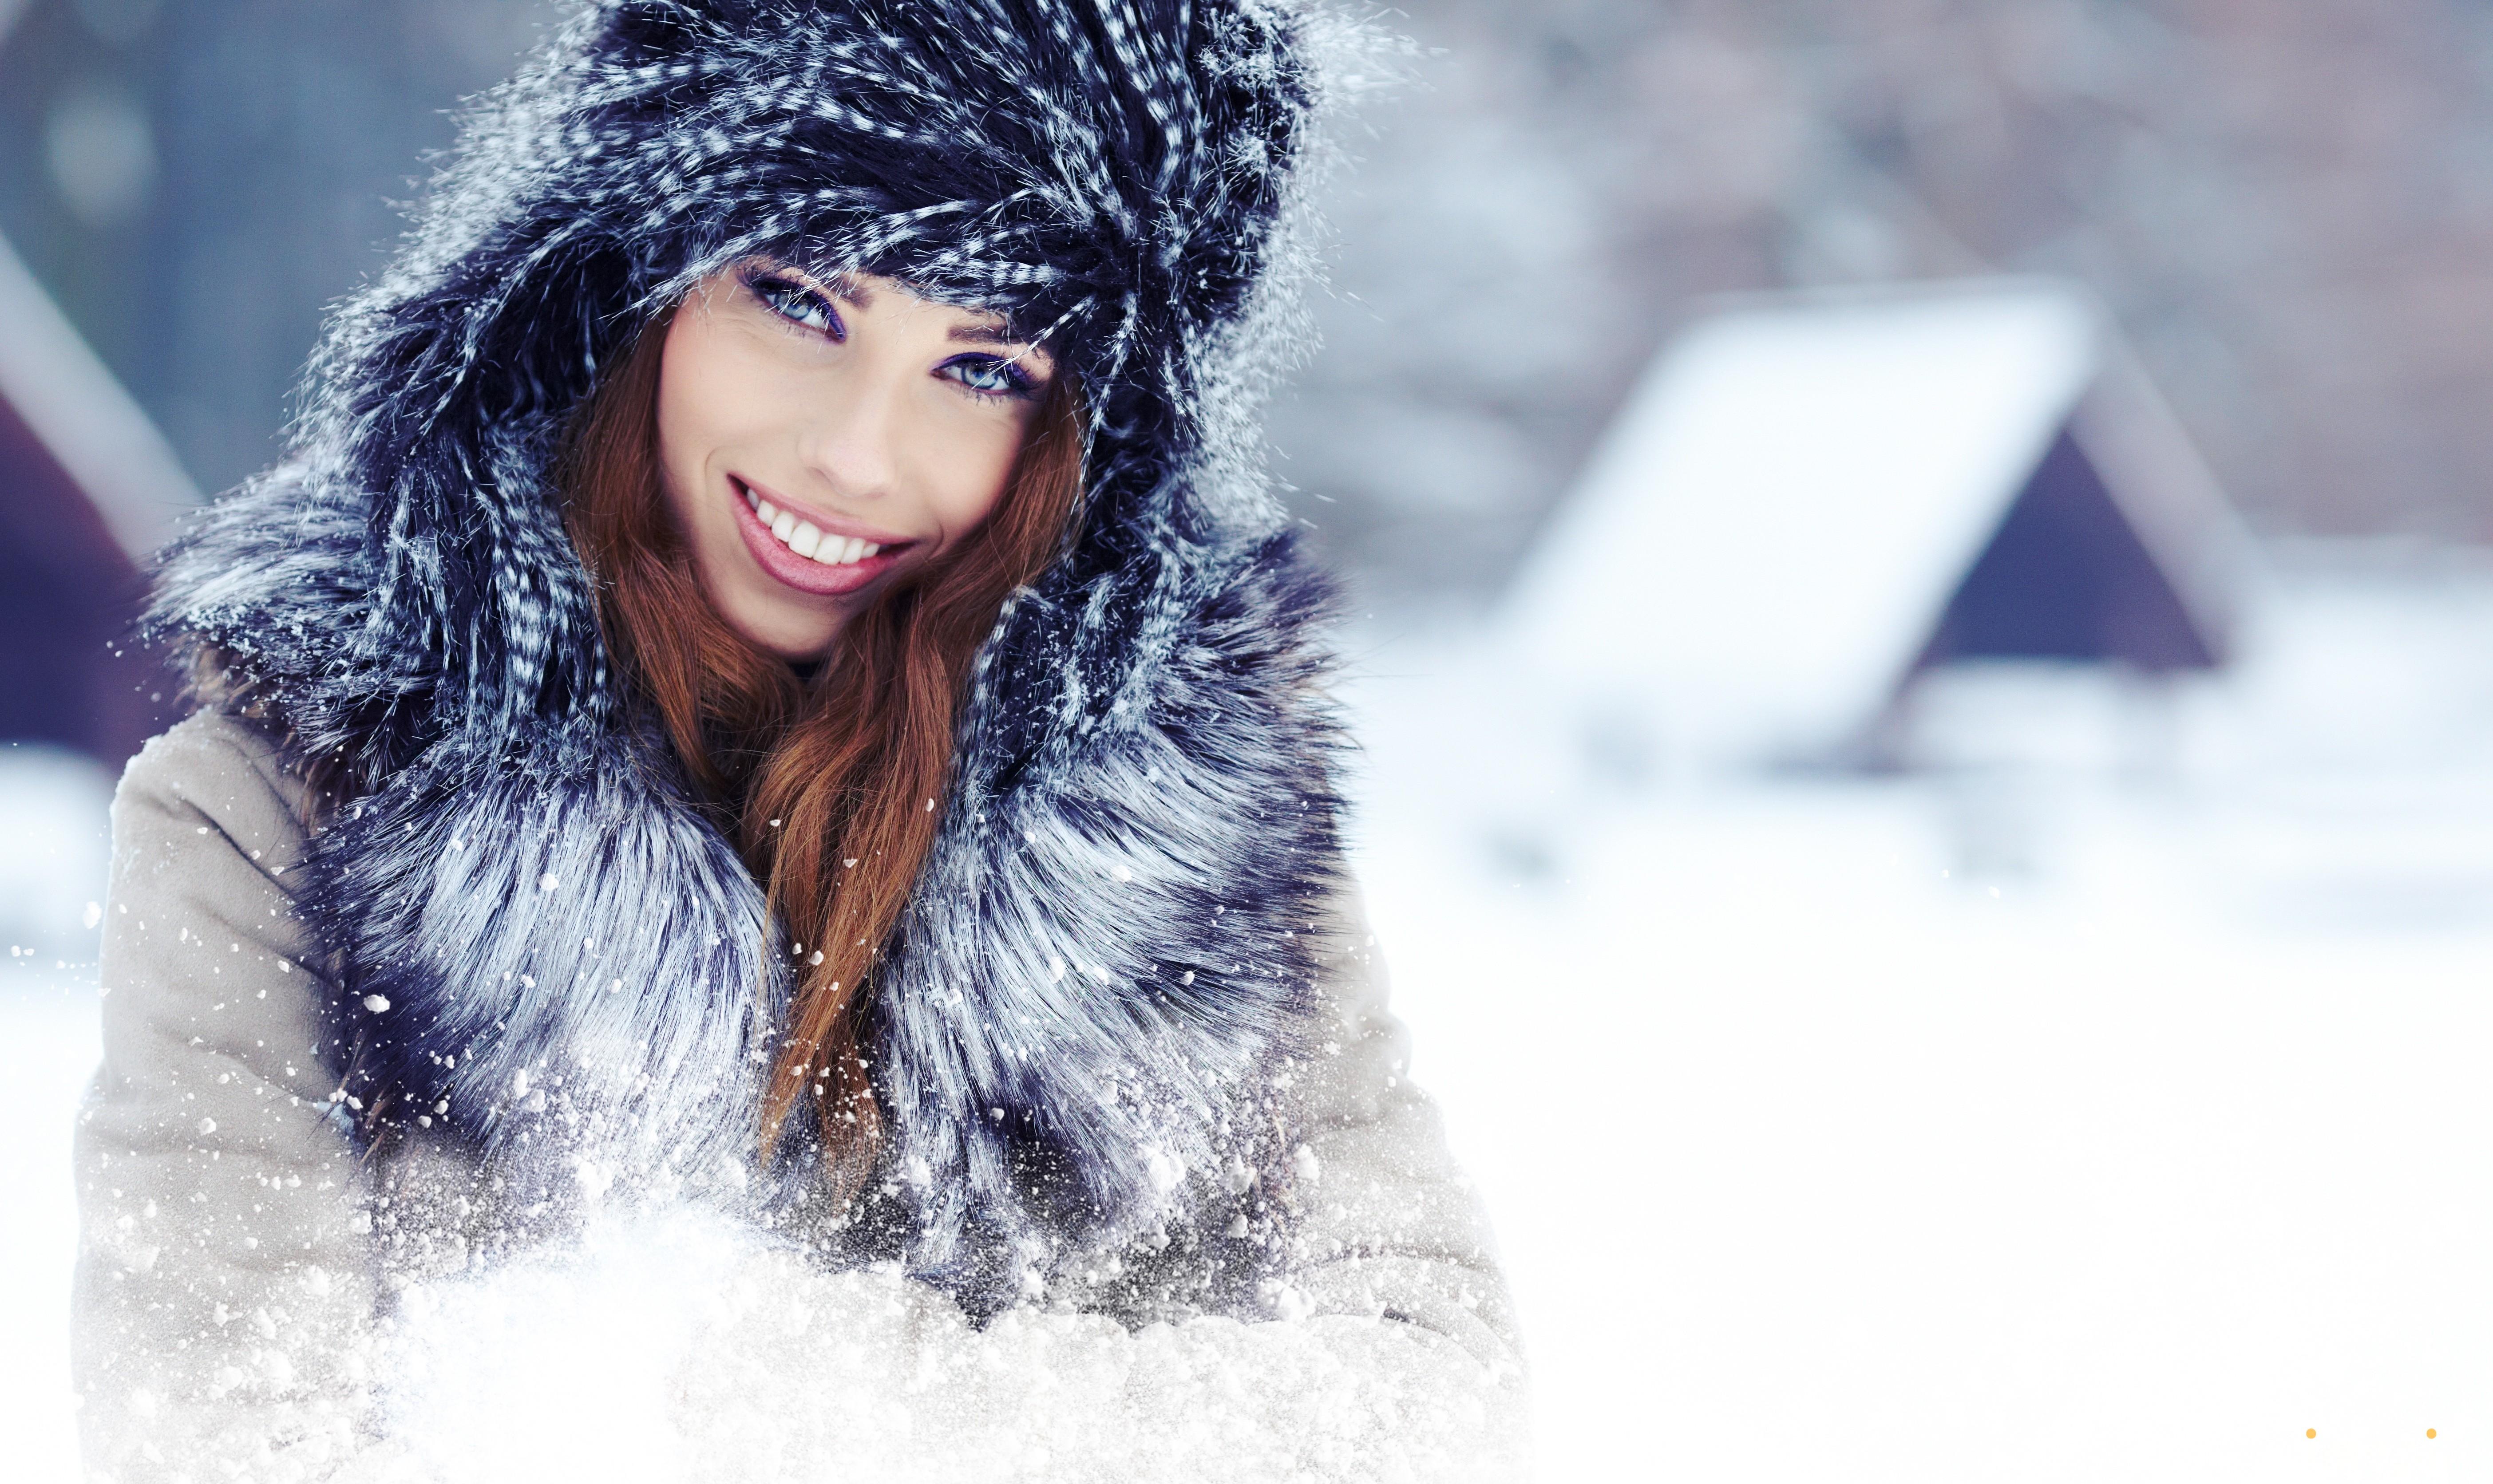 девушка брюнетка зима снег winter snow  № 2816744 бесплатно